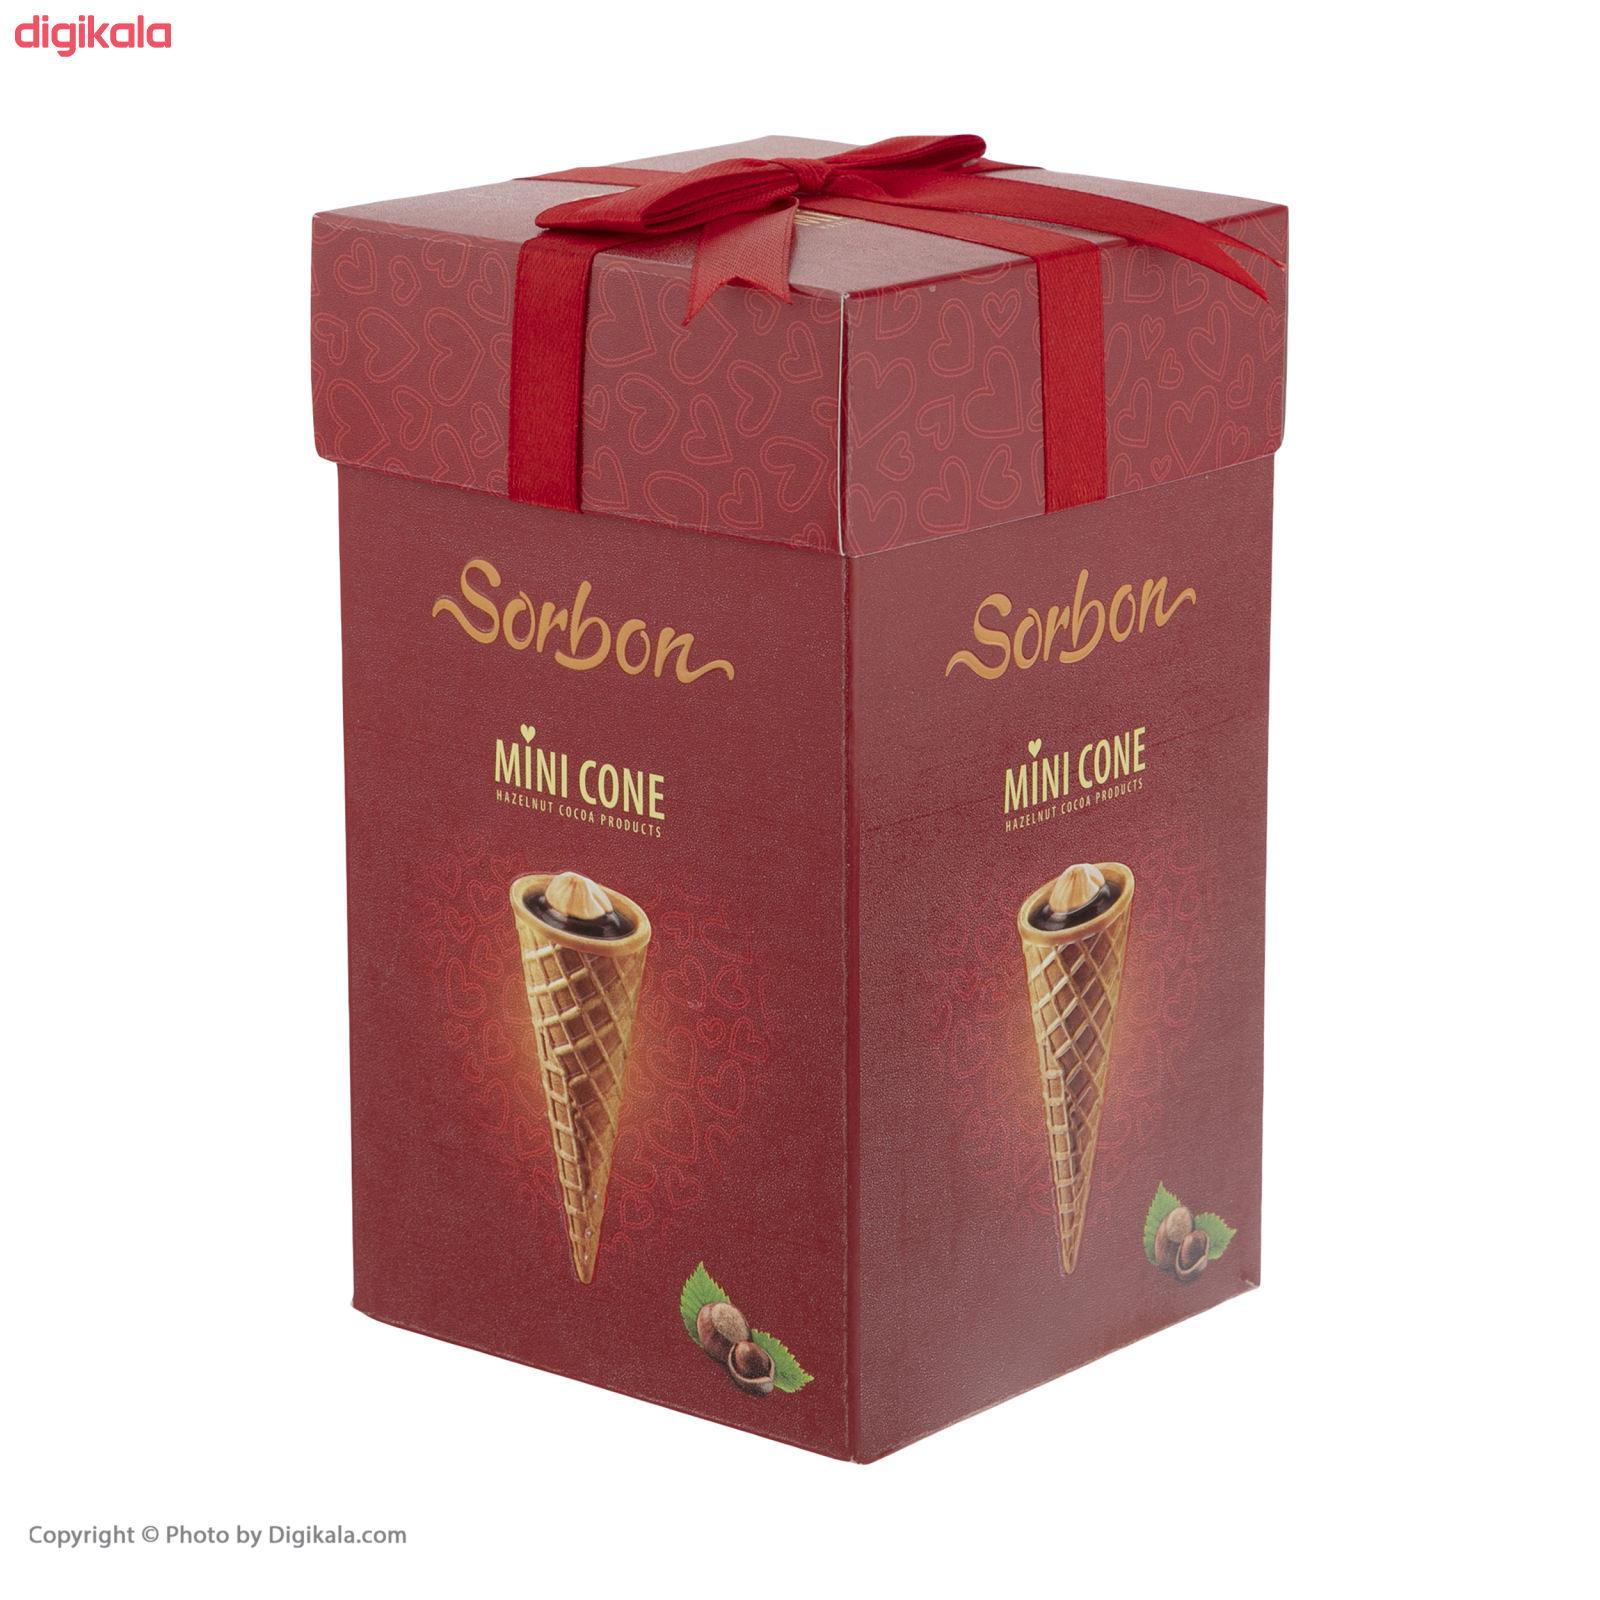 نان مخروطی کاکائویی سوربن - 200 گرم بسته 20 عددی  main 1 1